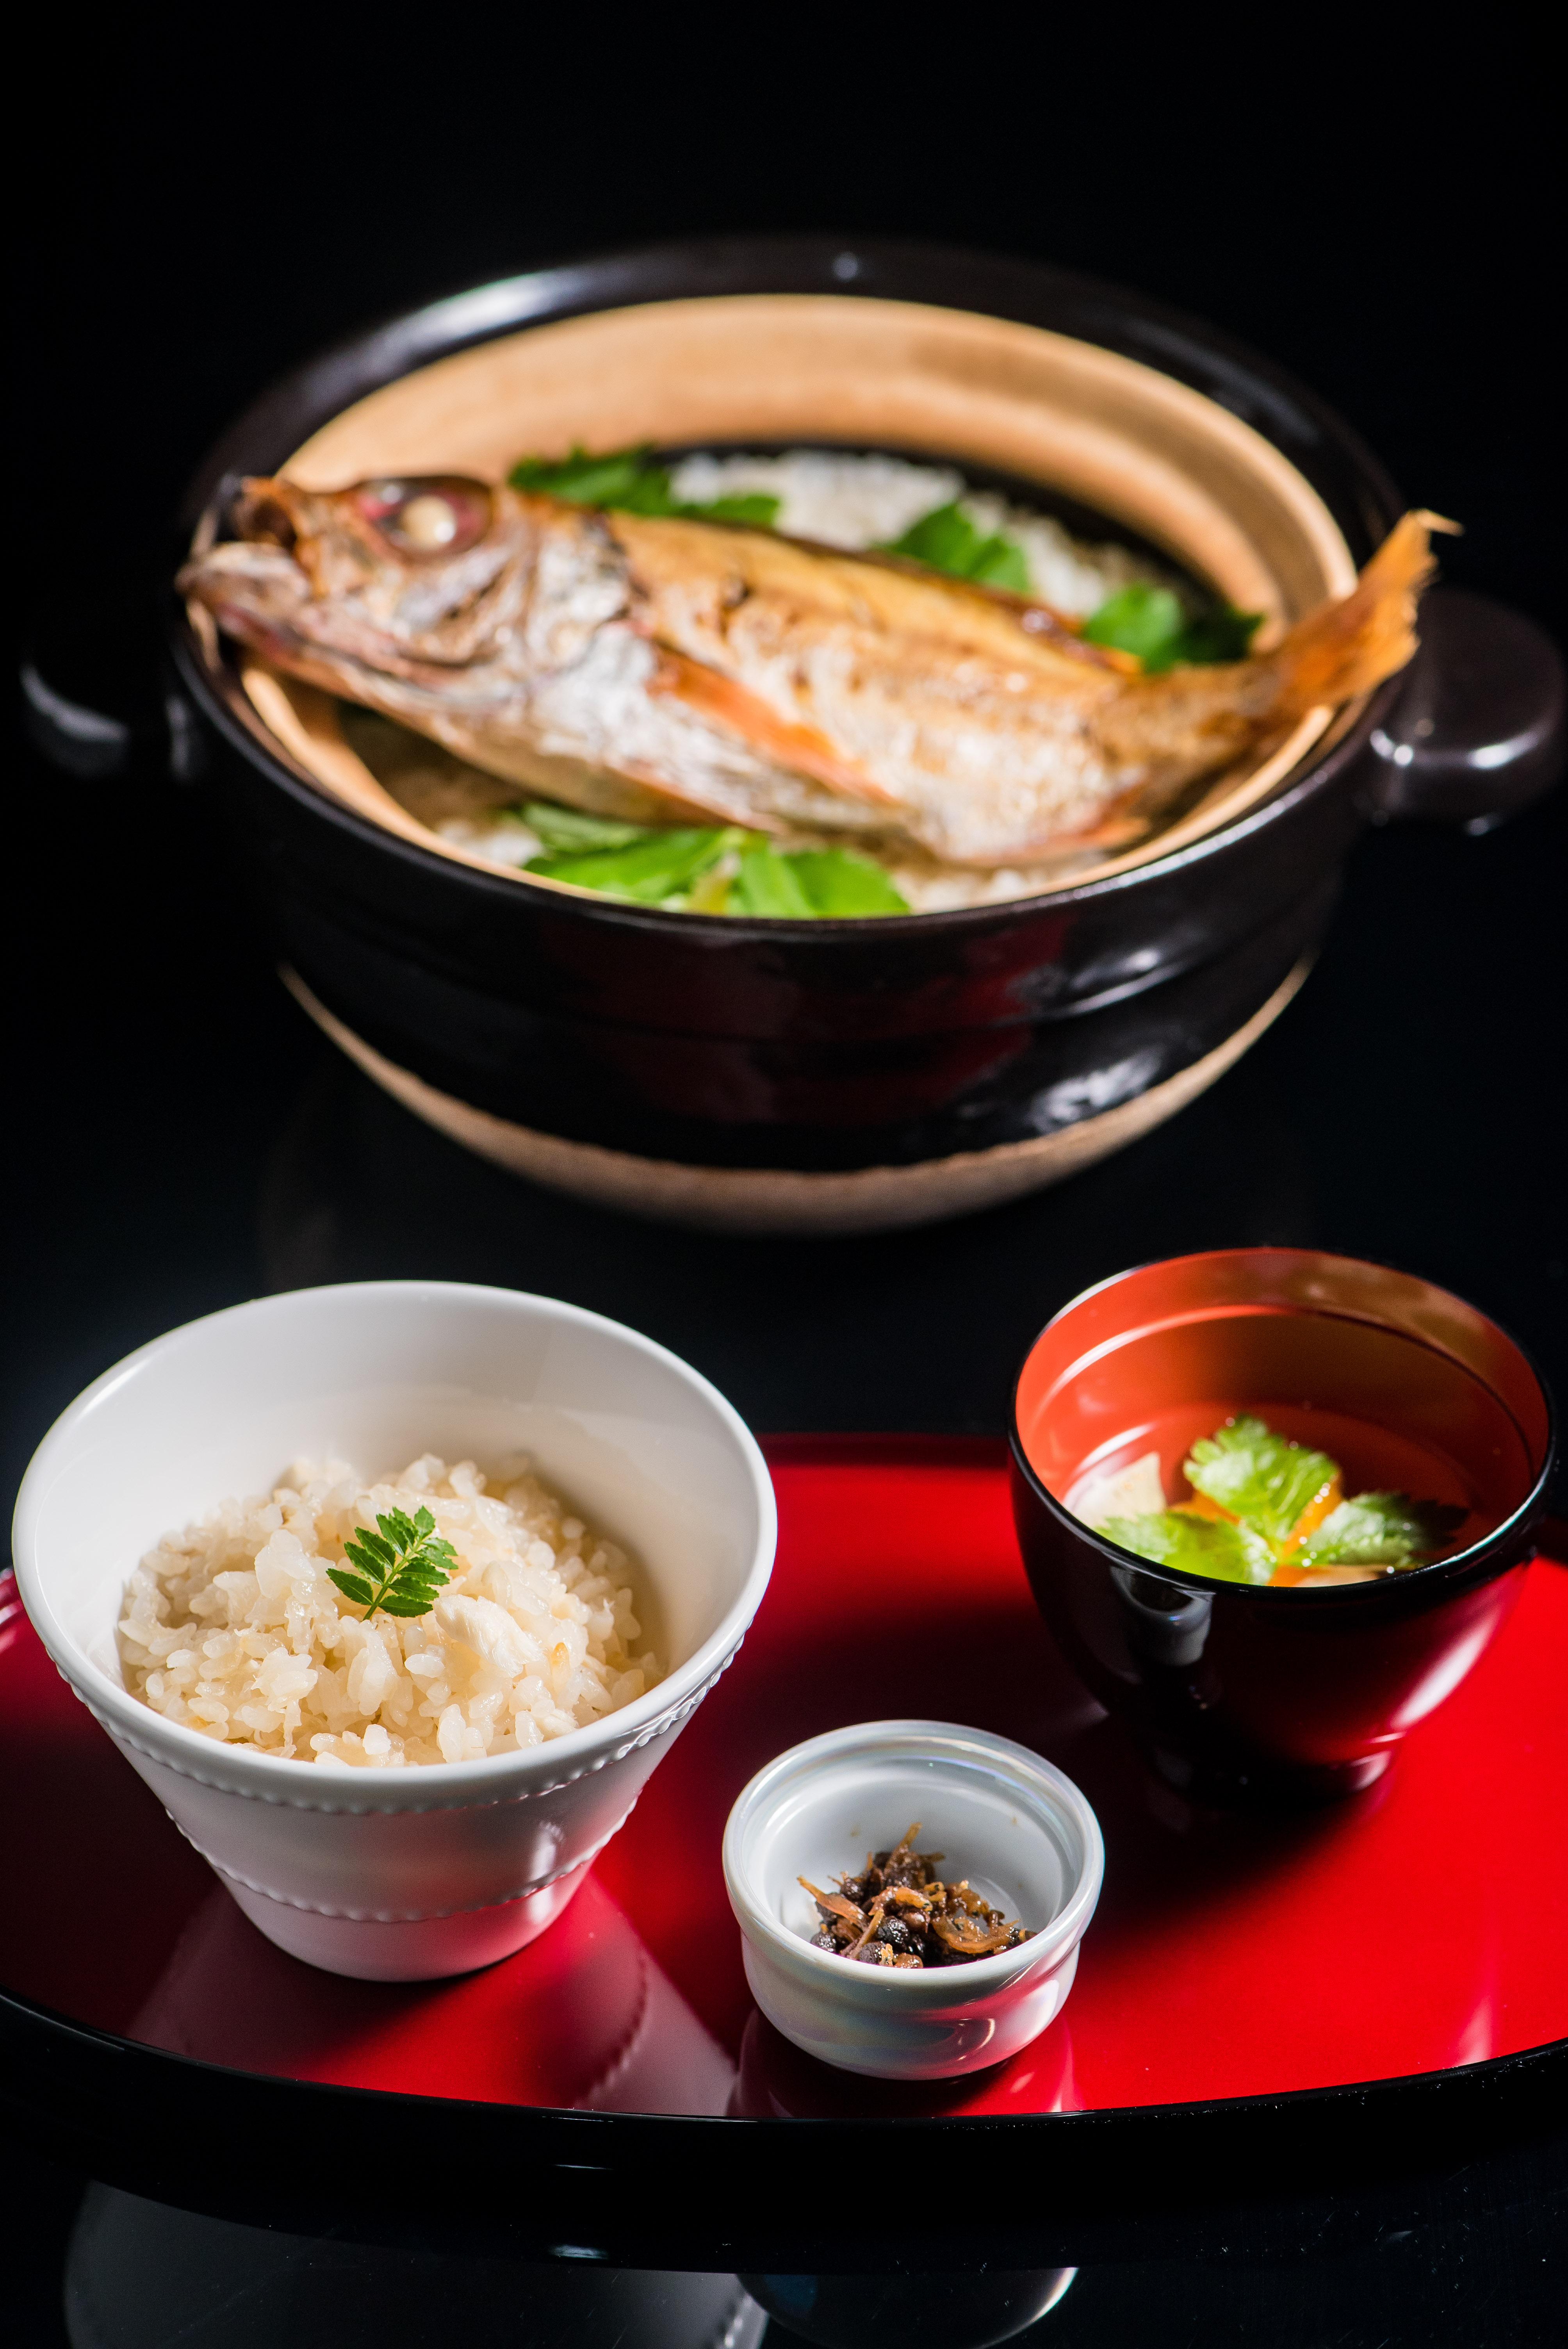 高級魚「のどぐろ」の土鍋飯 | 愛媛県松山市の結婚式場ベルフォーレ松山